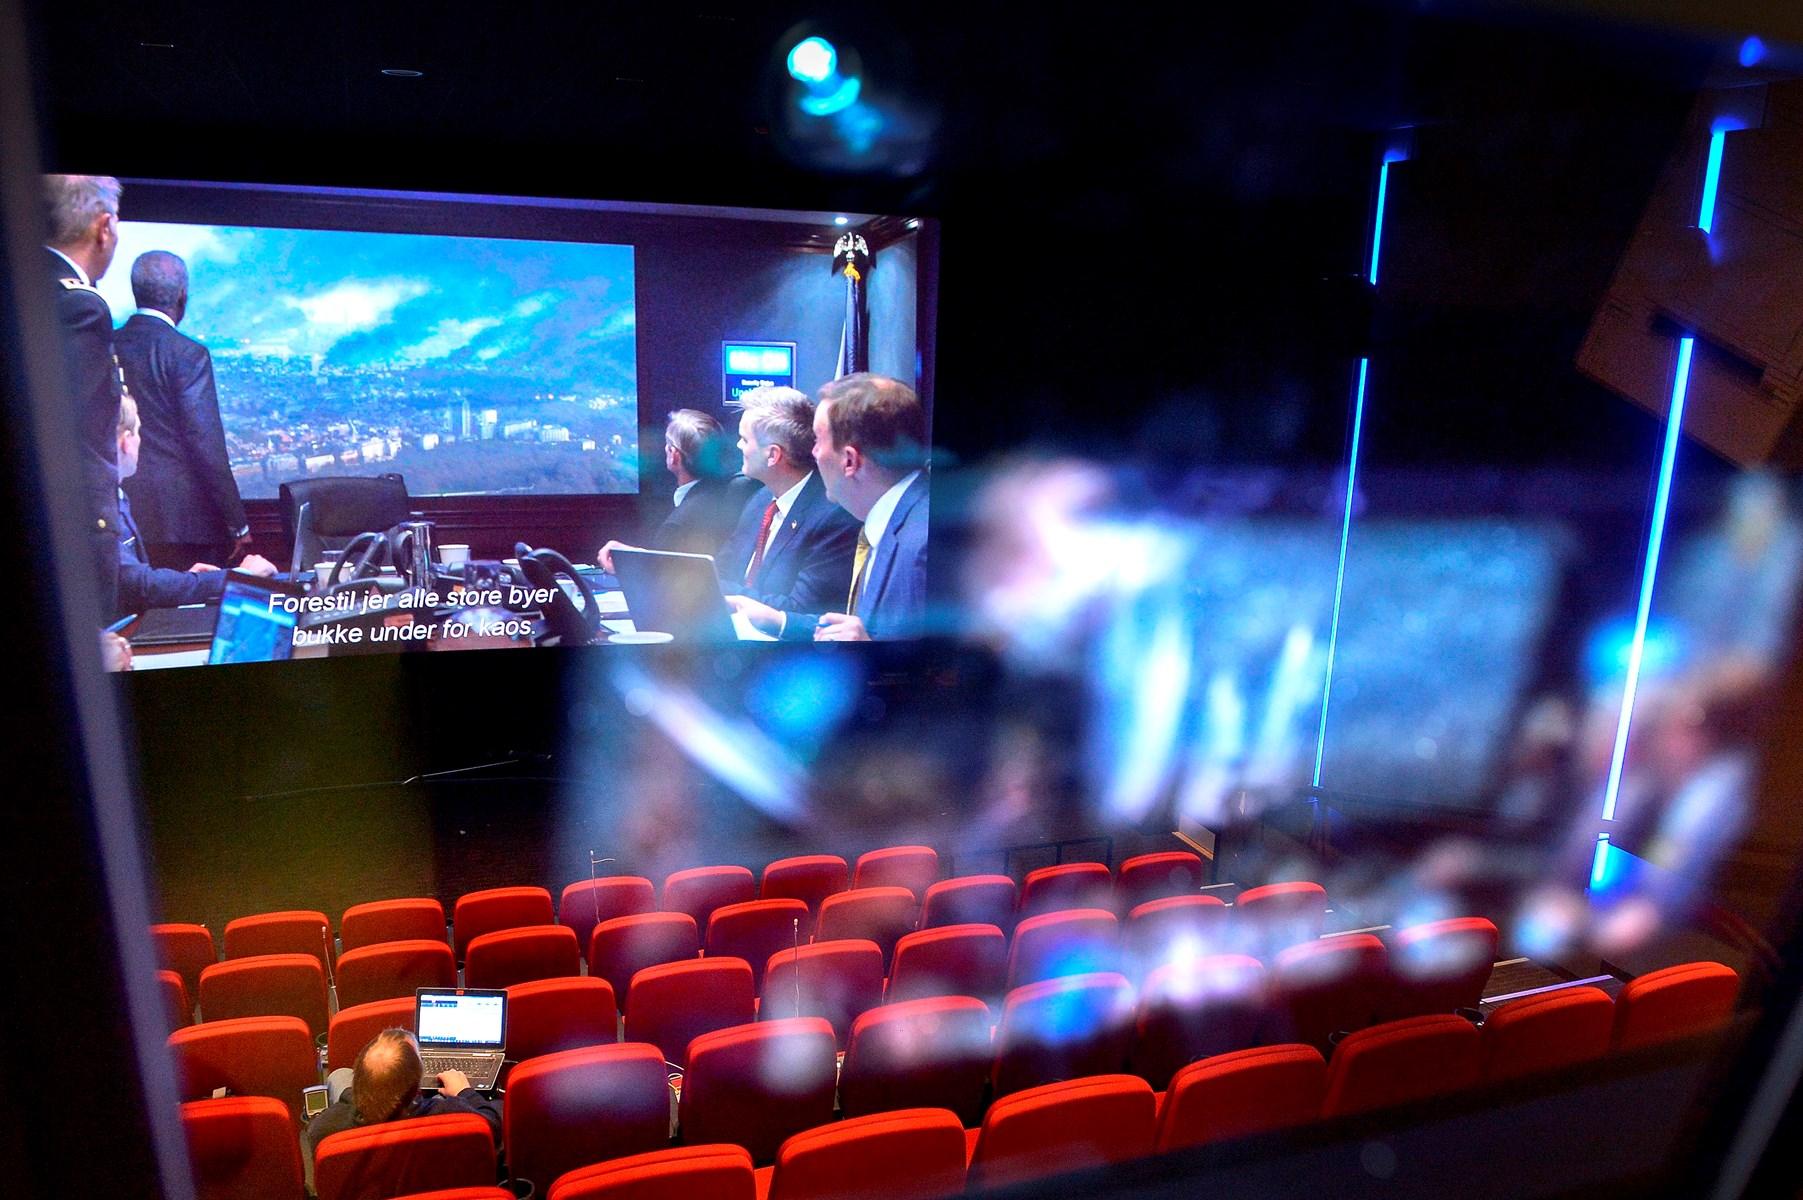 biograf i Aalborg gratis sexannoncer